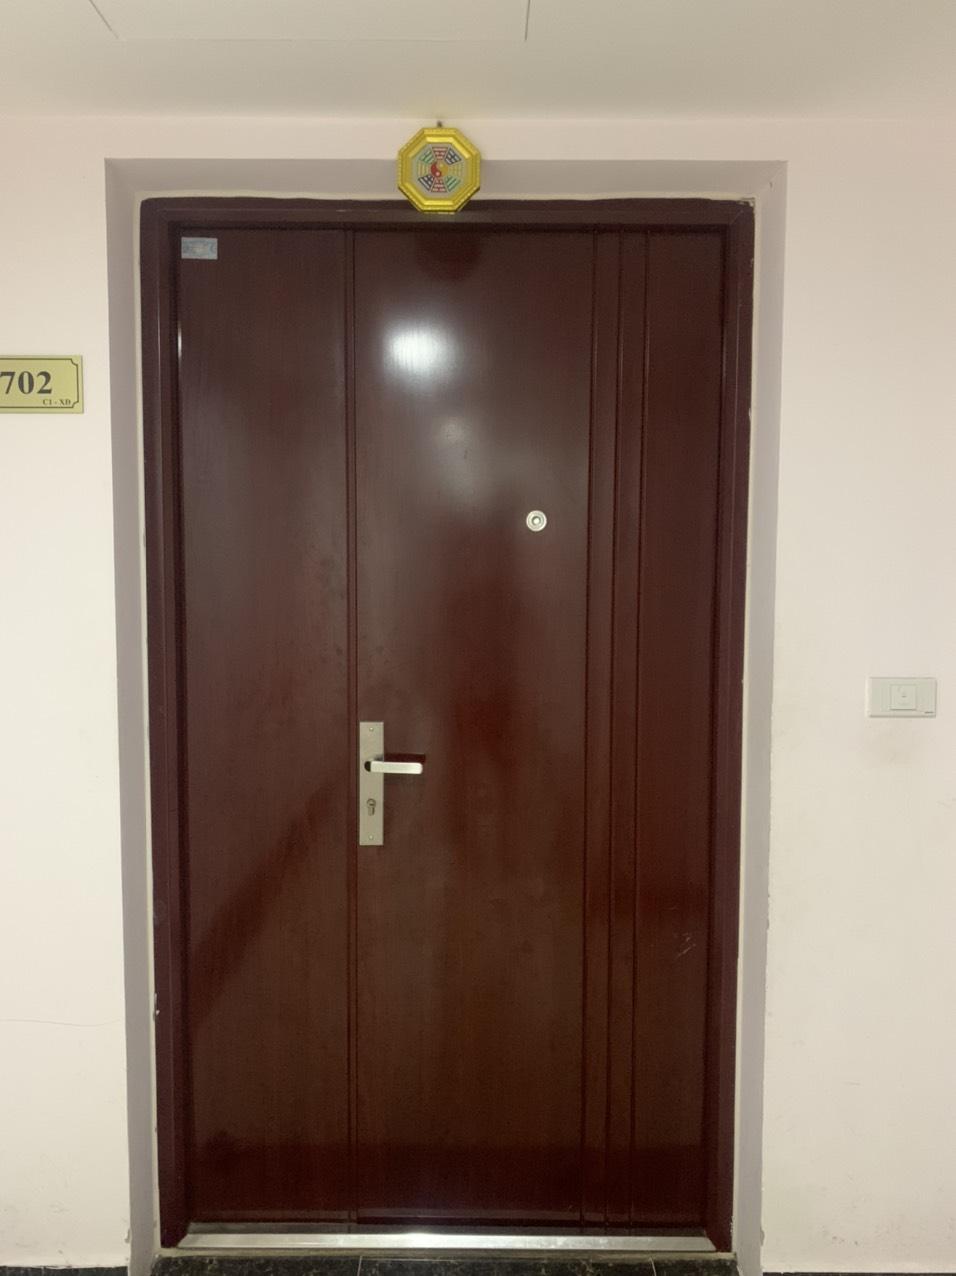 Cửa sắt vân gỗ - lựa chọn hàng đầu cho các công trình tại Hà Nội hiện nay